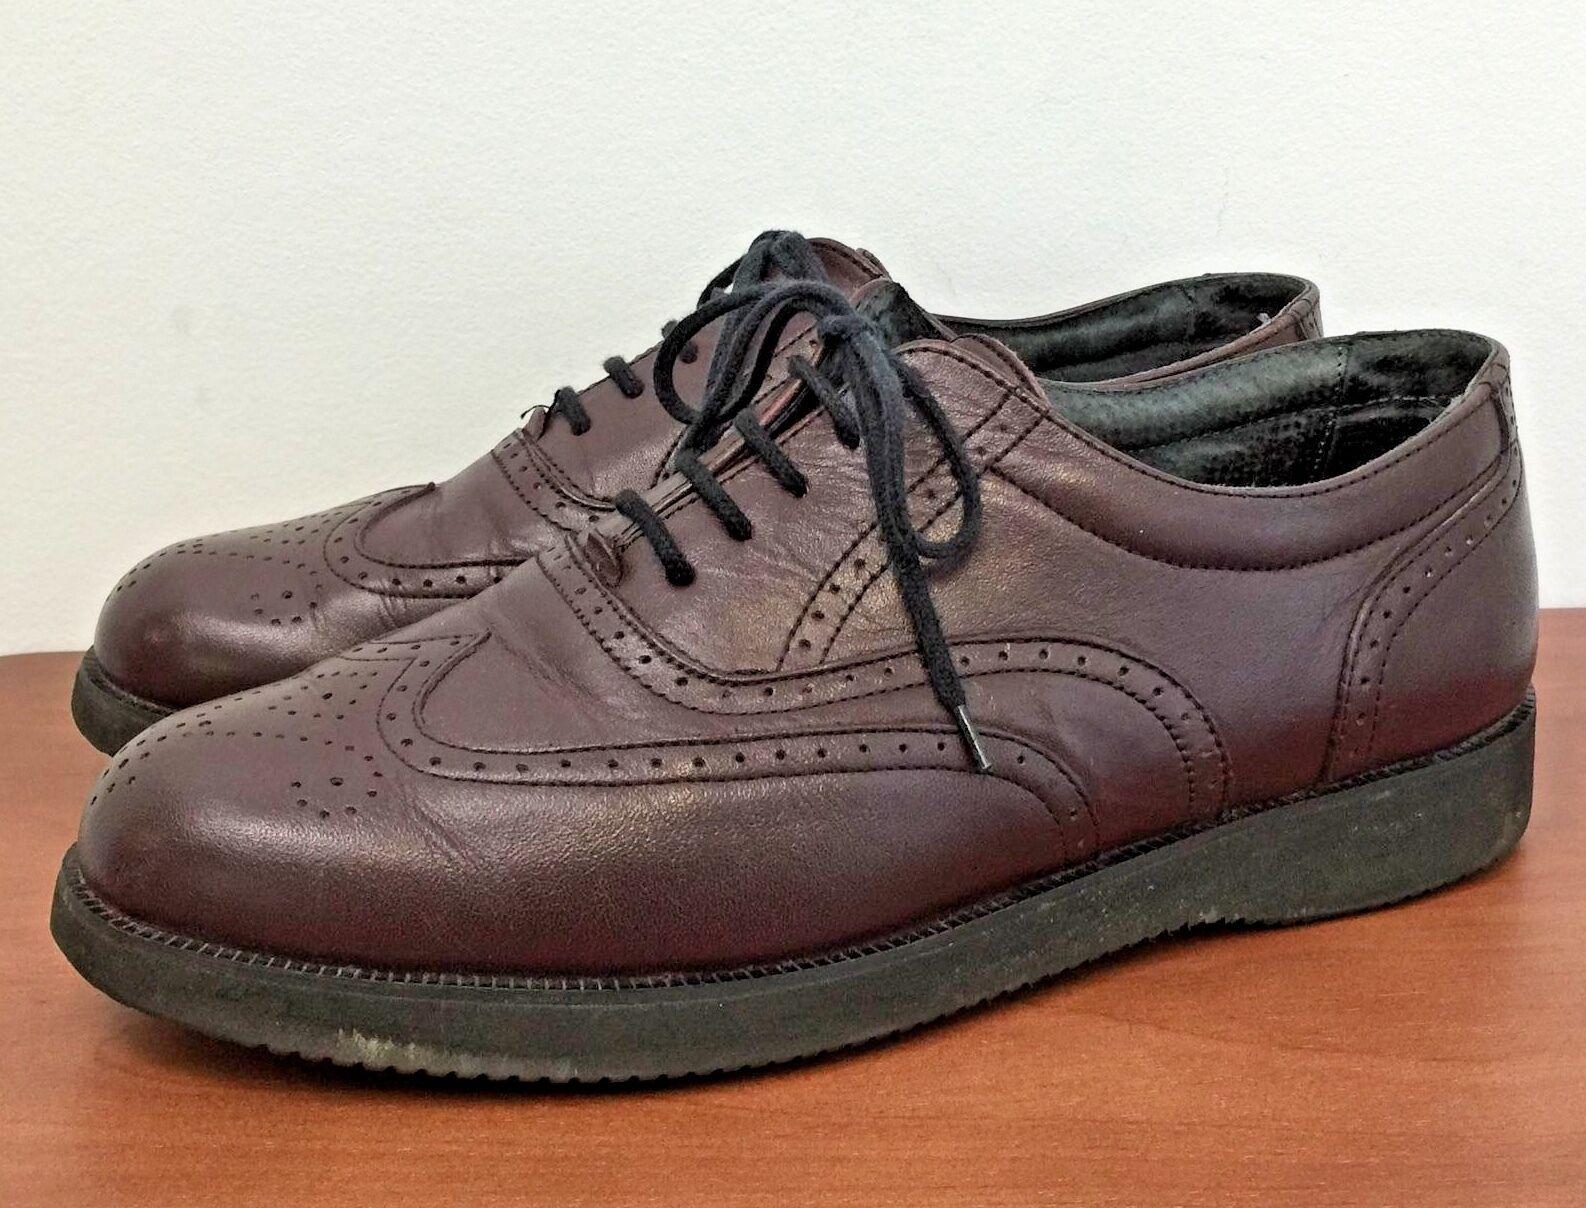 Vtg DR SCHOLLS Burgundy Leather Wing Tip Oxfords shoes Vibram Sole MENS 11 M